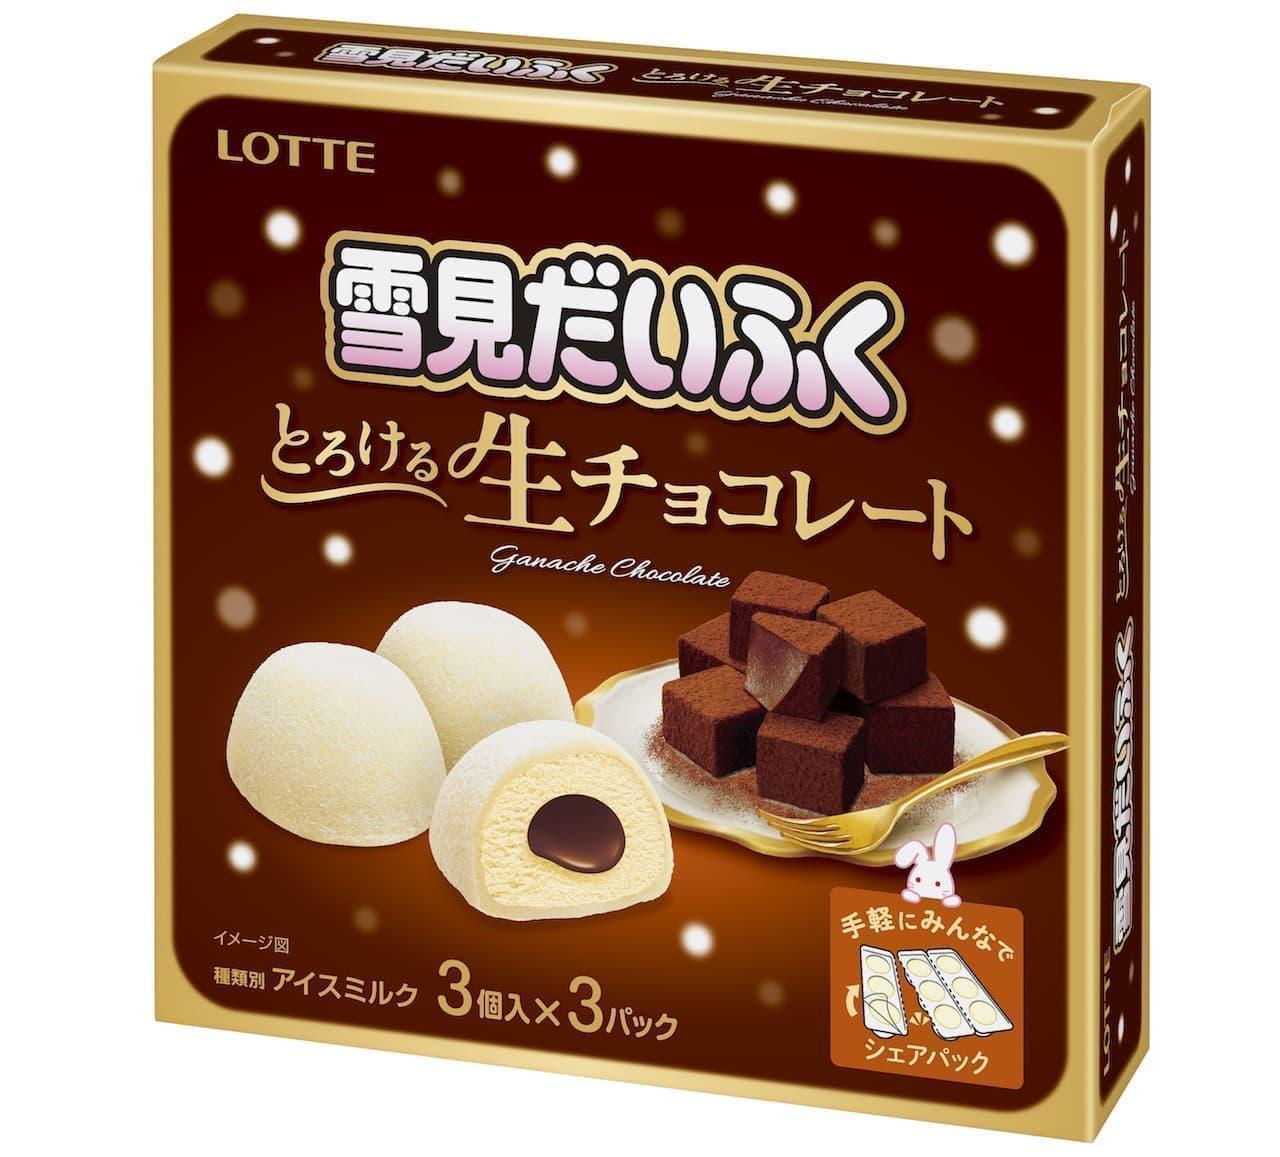 ロッテ「雪見だいふく とろける生チョコレート」